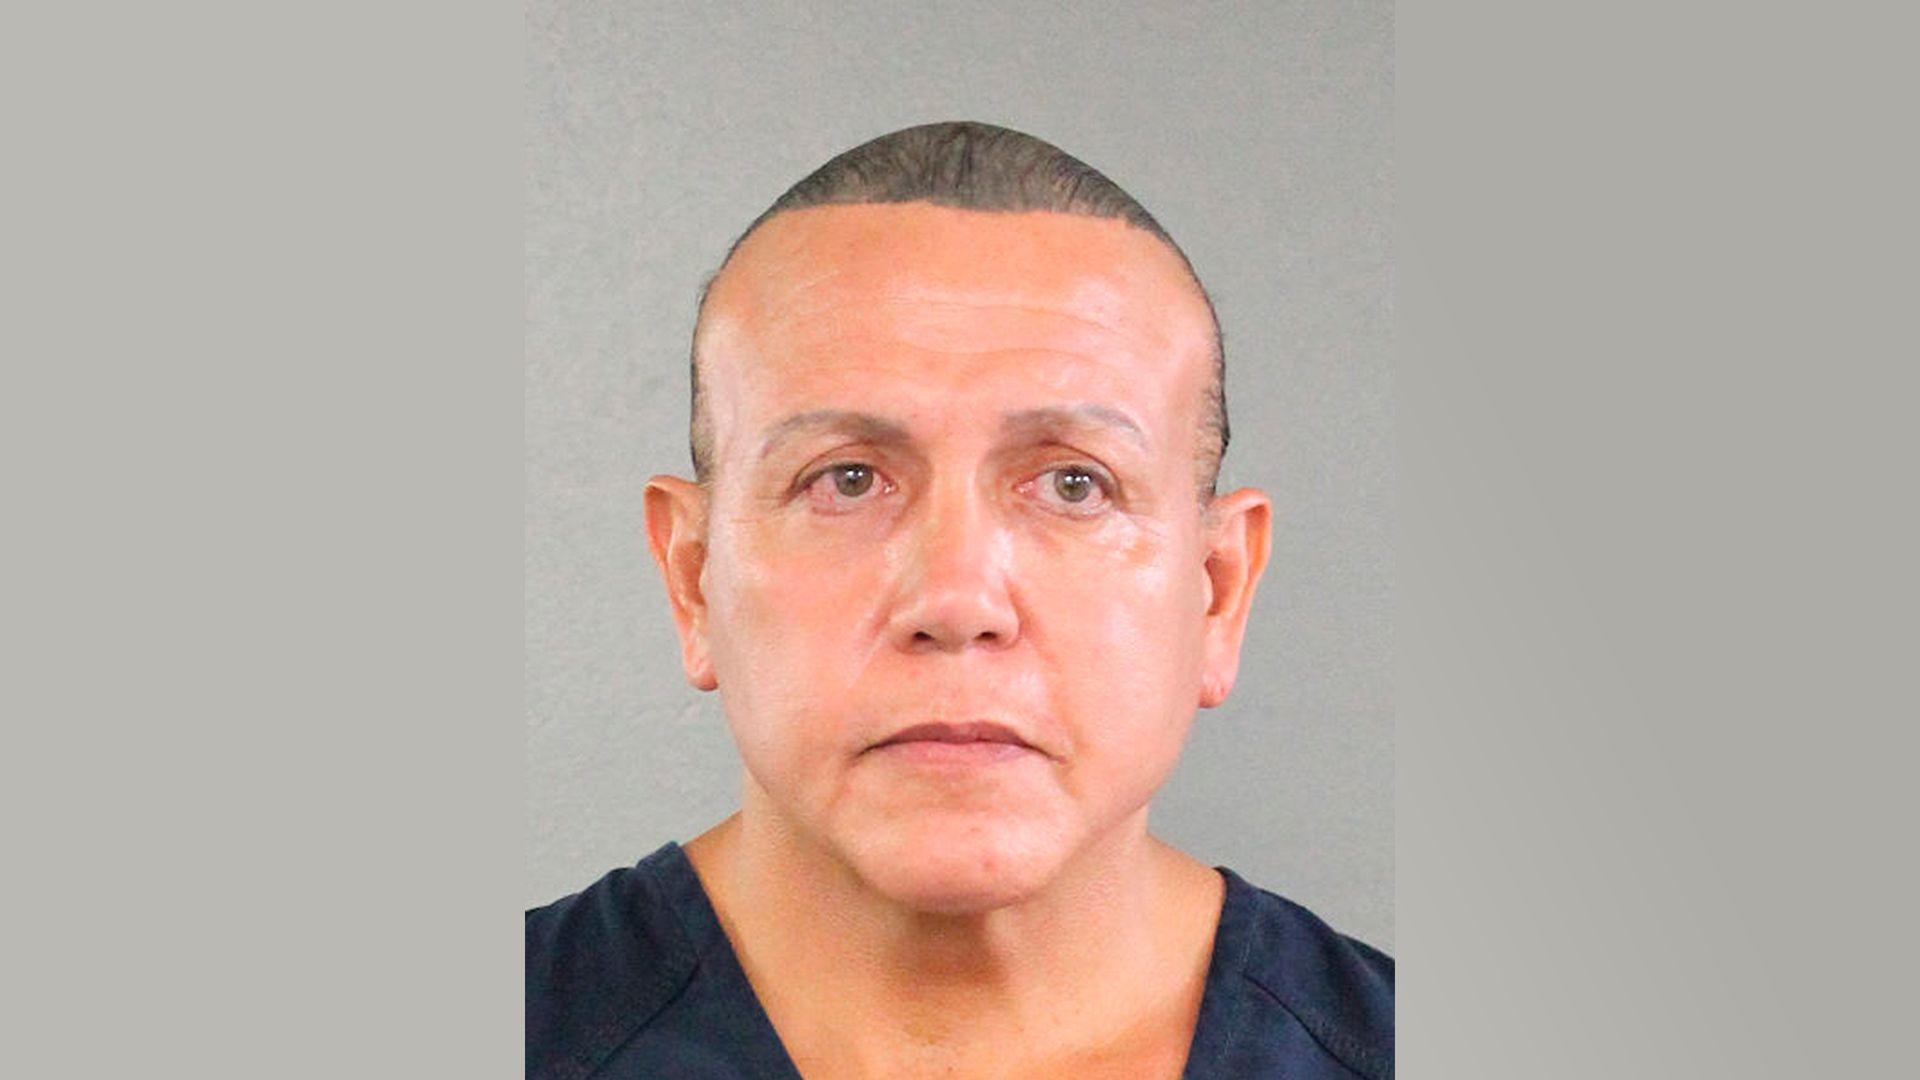 Cesar Sayoc's mugshot.